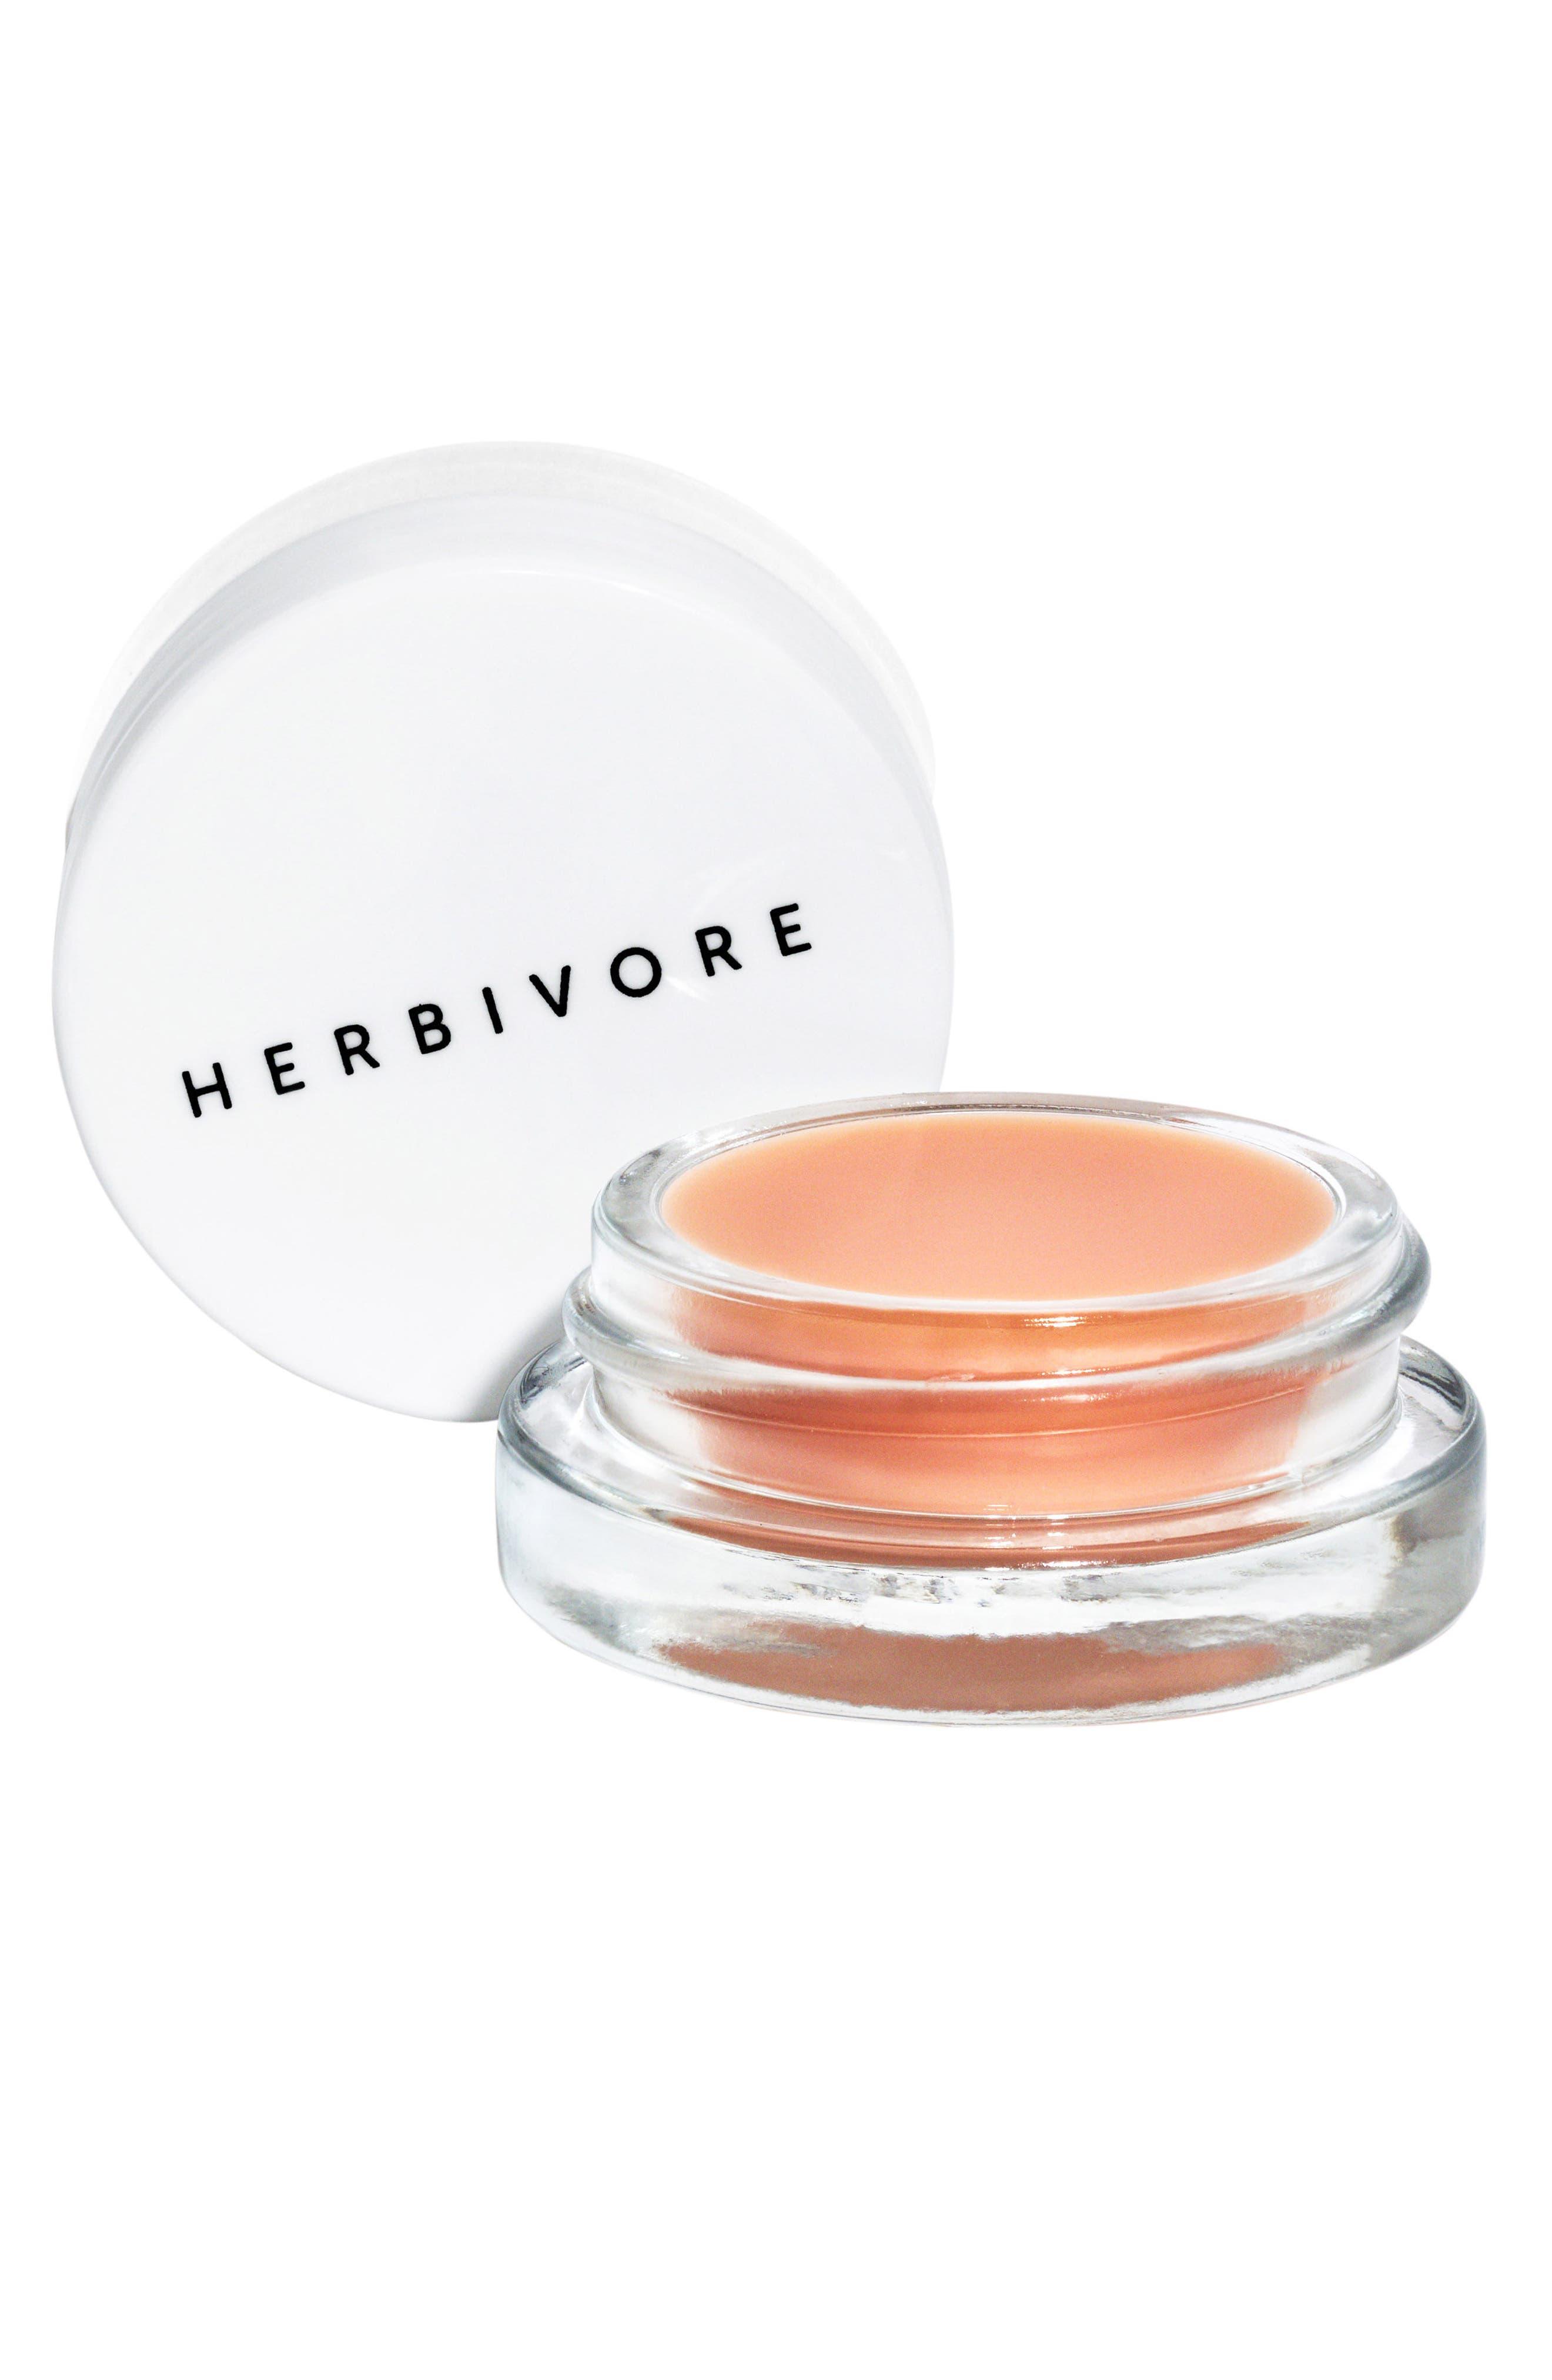 Alternate Image 1 Selected - Herbivore Botanicals Coco Rose Lip Conditioner